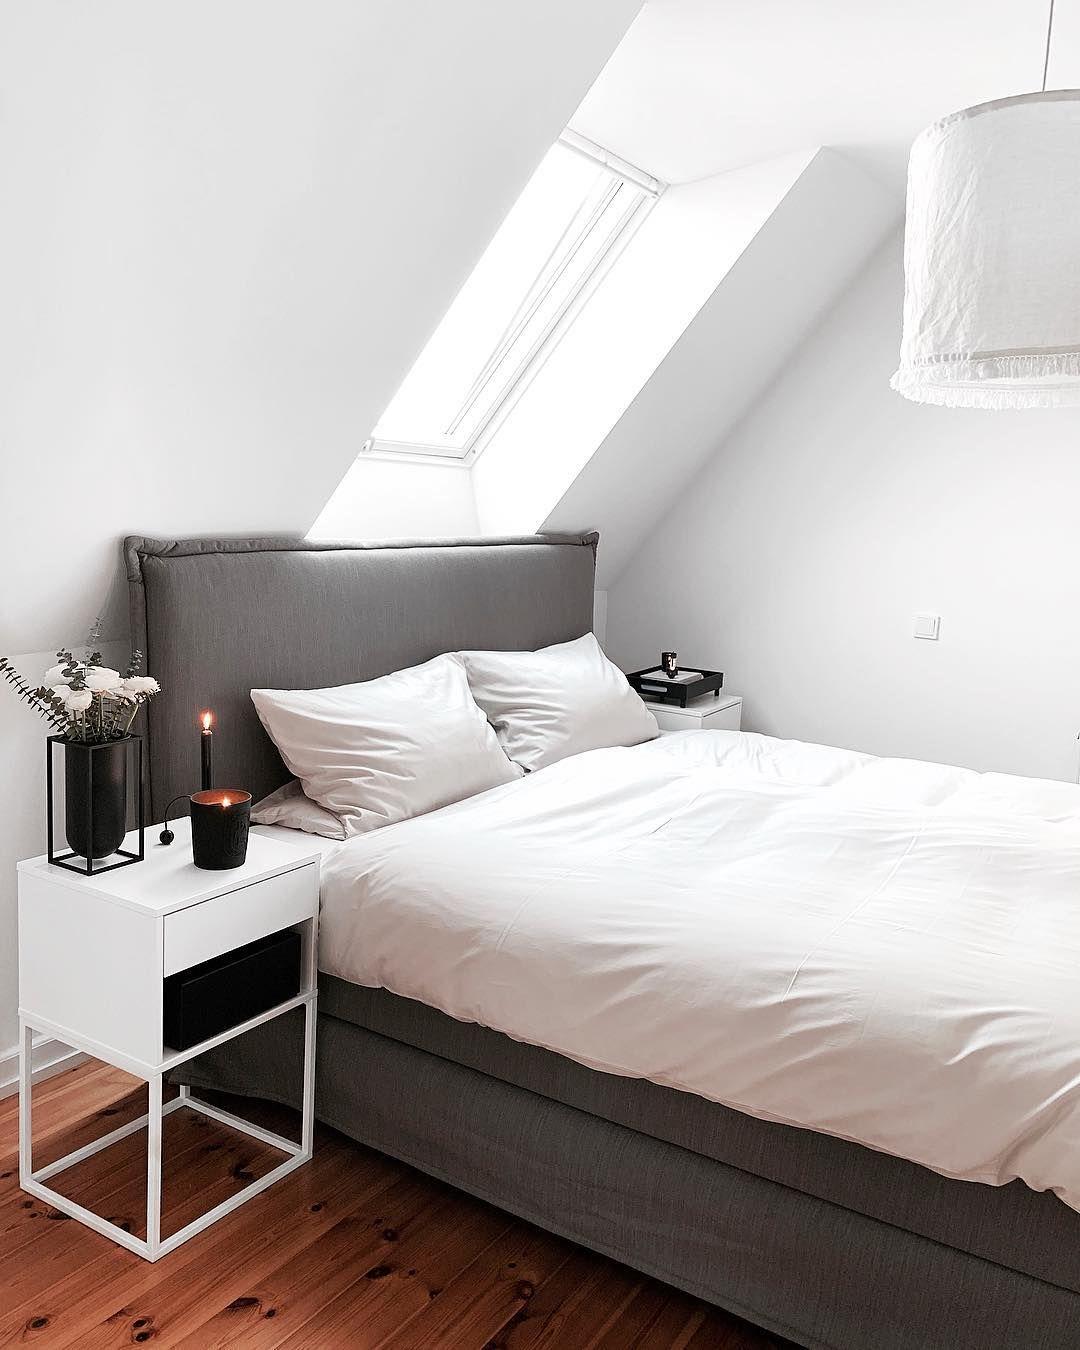 Een Kleine Slaapkamer Inrichten Doe Je Met Deze 7 Handige Tips Makeover Nl